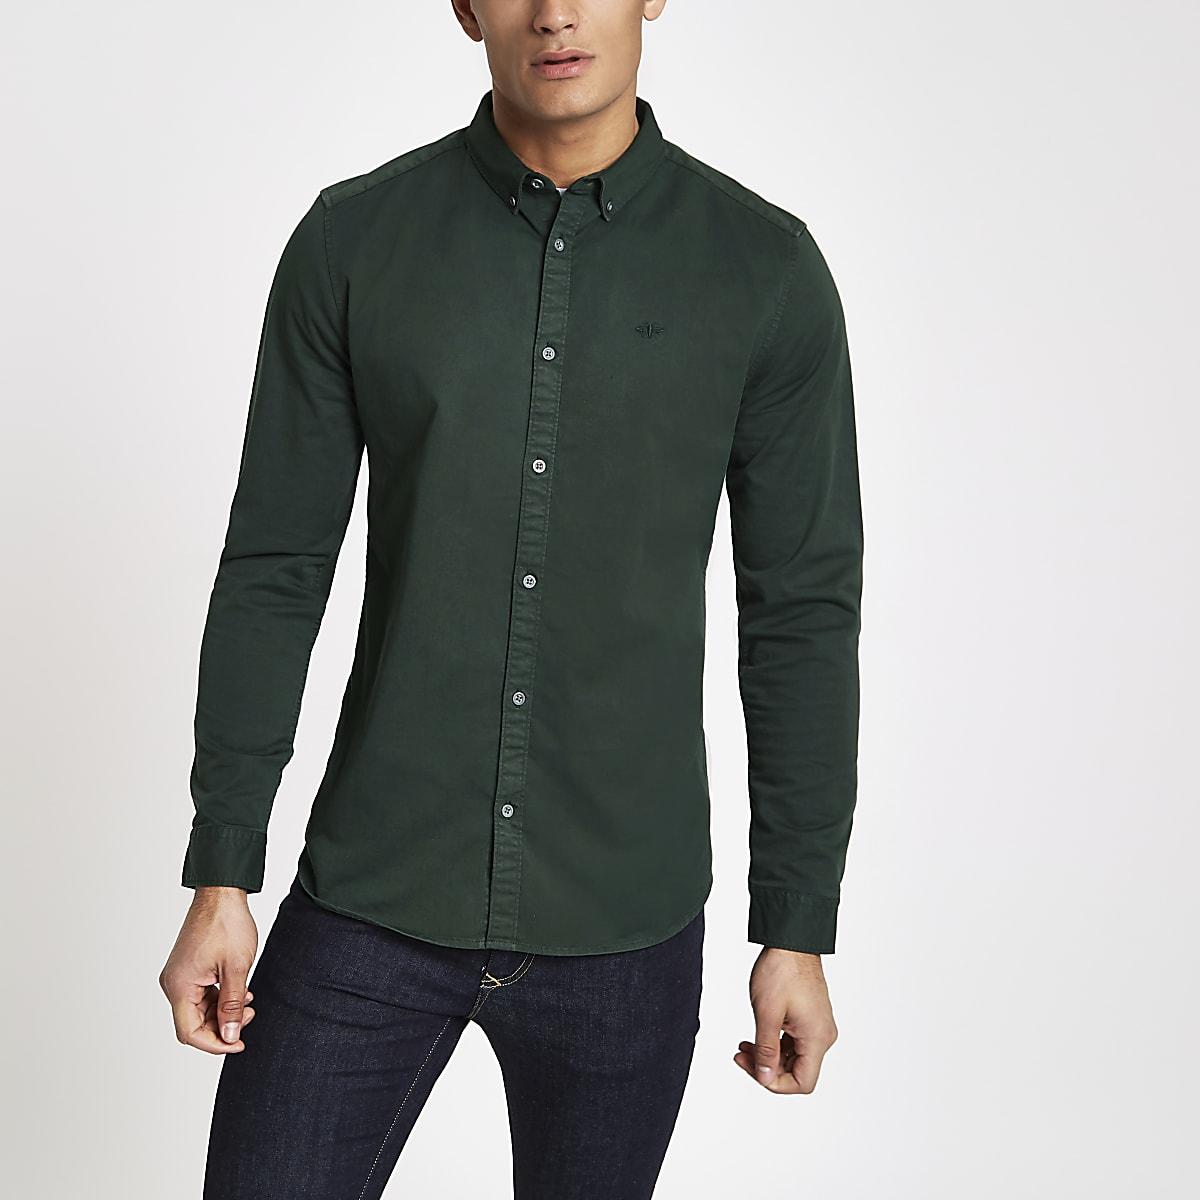 Donkergroen Overhemd.Donkergroen Overhemd Met Stretch En Lange Mouwen Overhemden Met